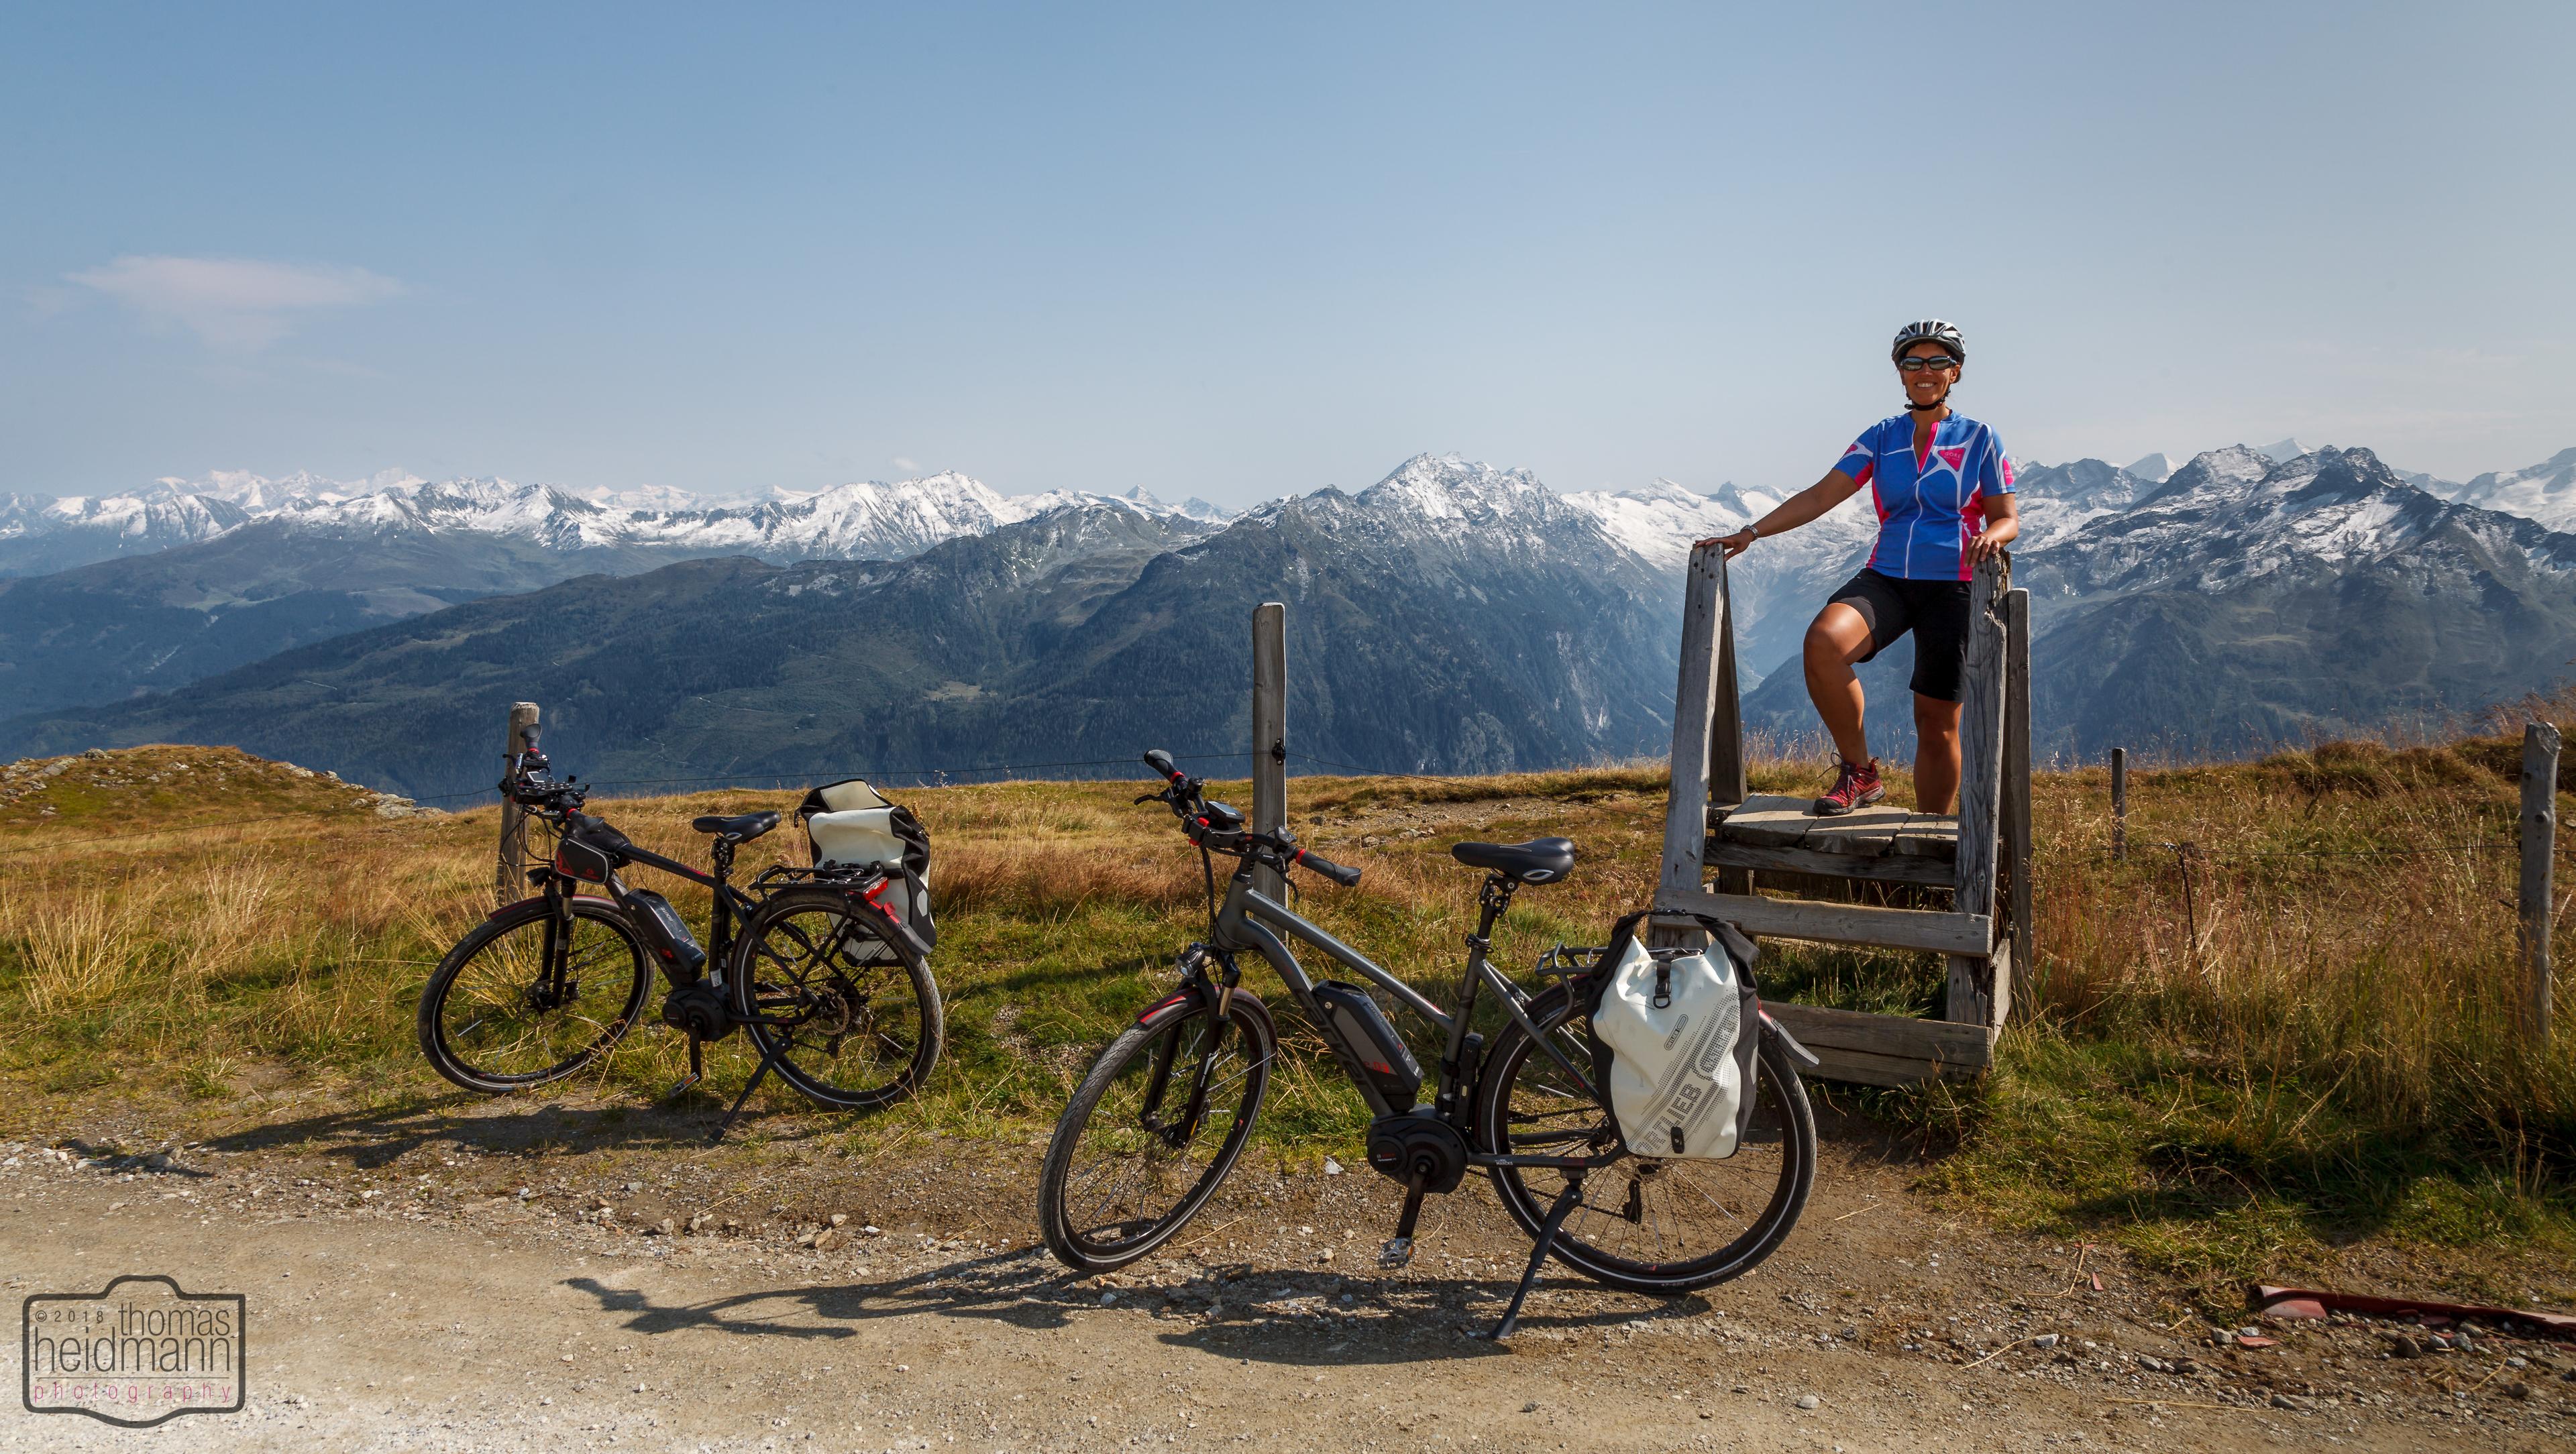 Radtour hinauf zum Wildkogel - Heldenfoto